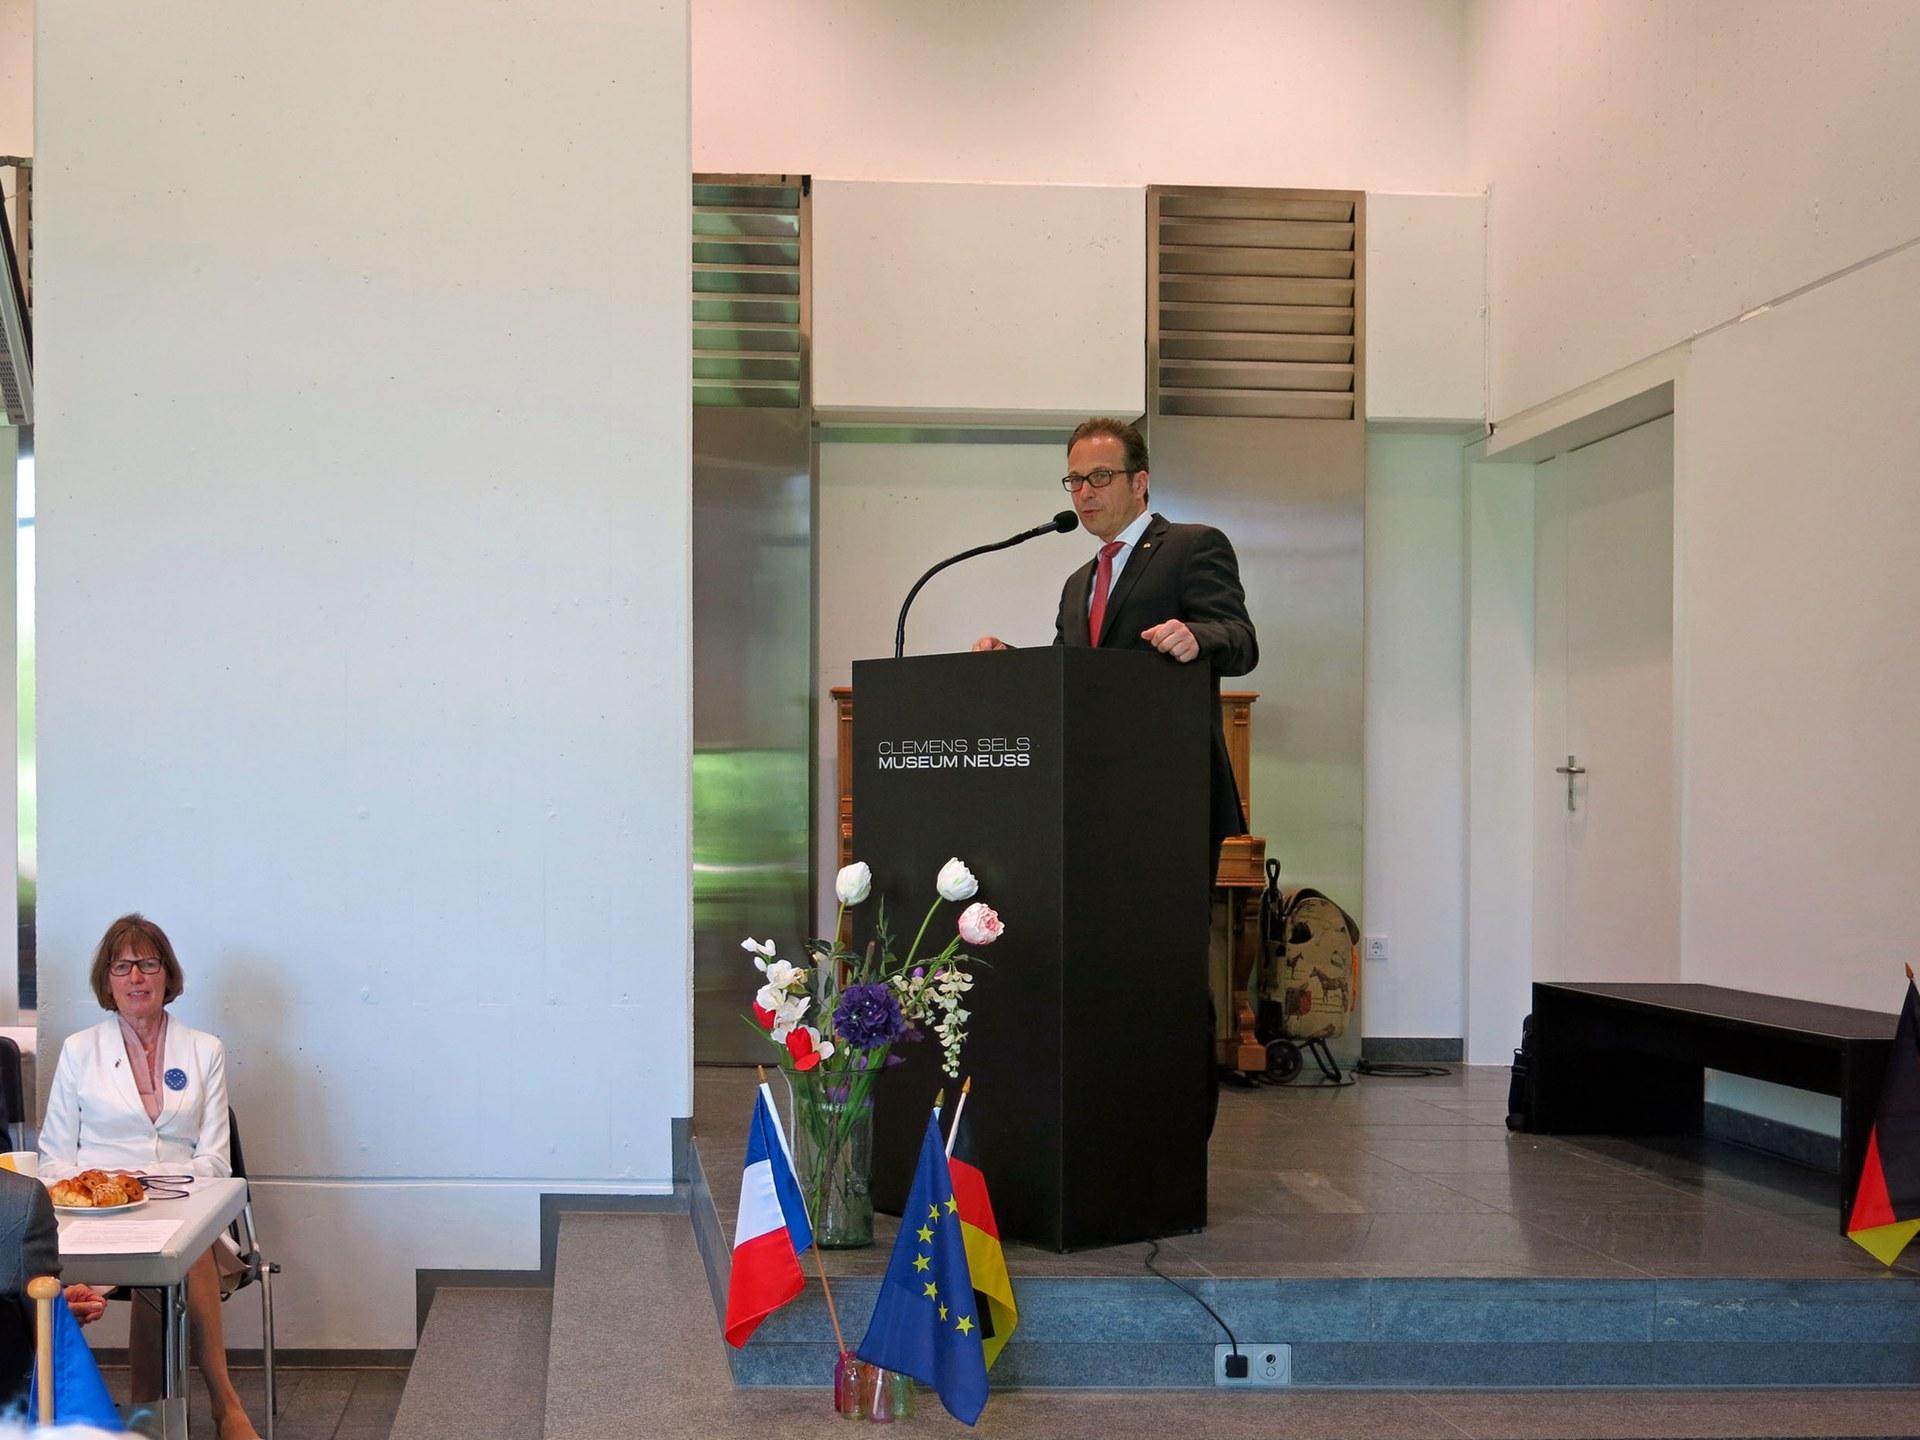 Bürgermeister Breuer begrüßt die Gäste